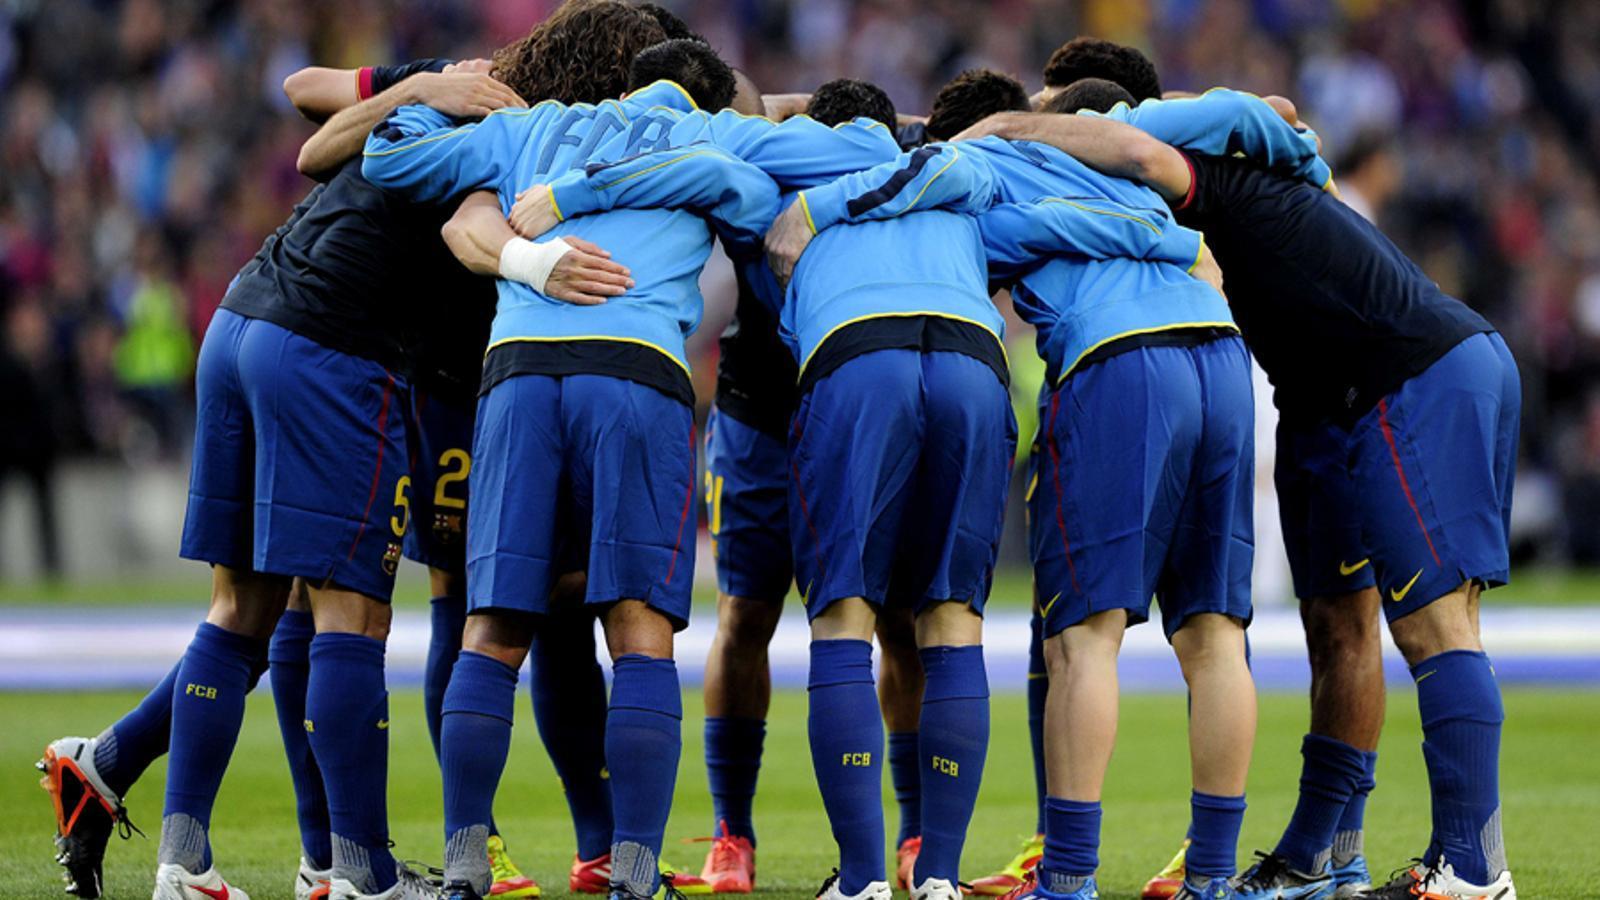 Els onze del Barça es conjuren abans del partit JOSEP LAFO / AFP